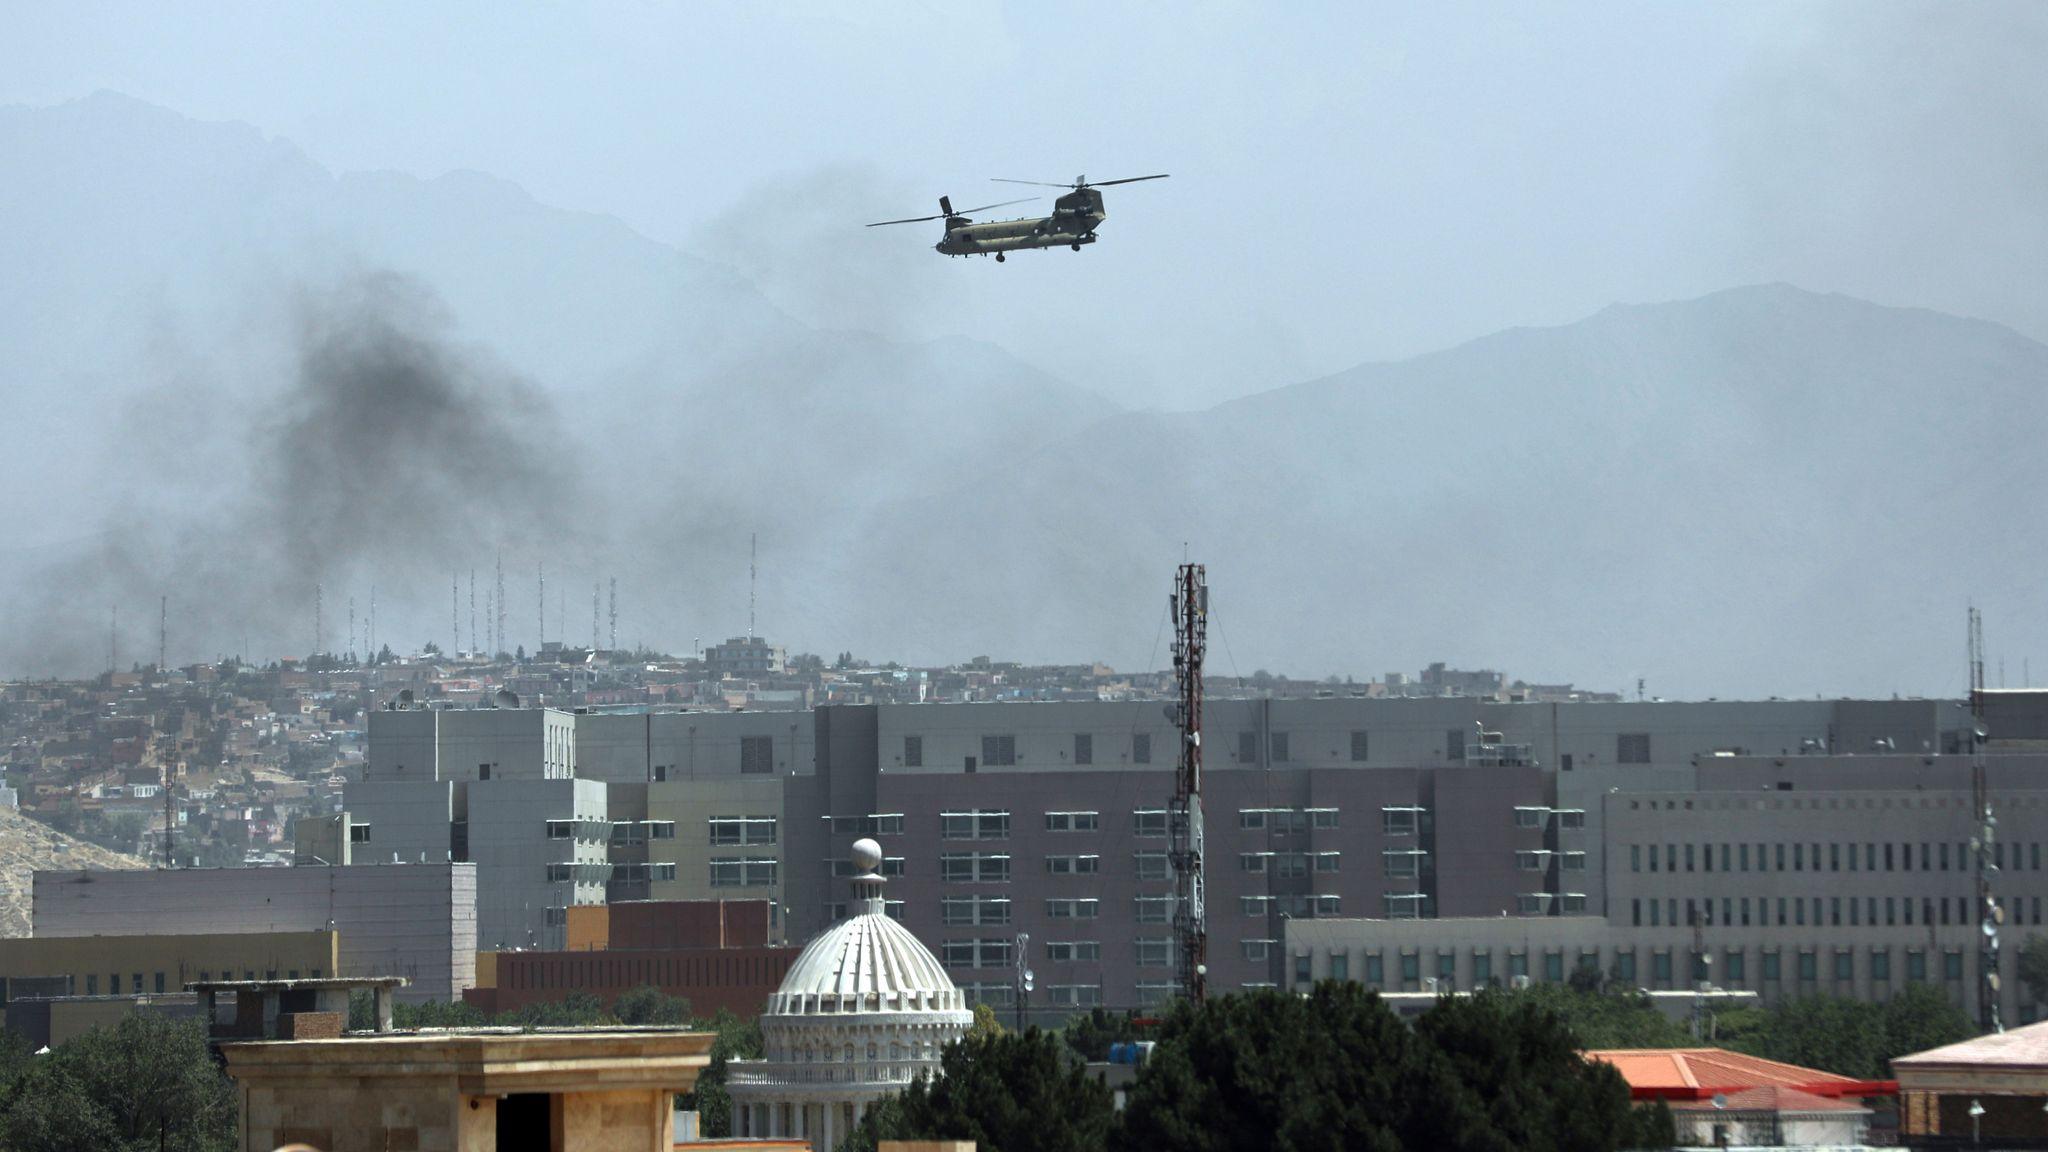 अफगानिस्तानमा खाद्यन्न संकट, खद्यान्न खरिद गर्न ६० करोड डलर